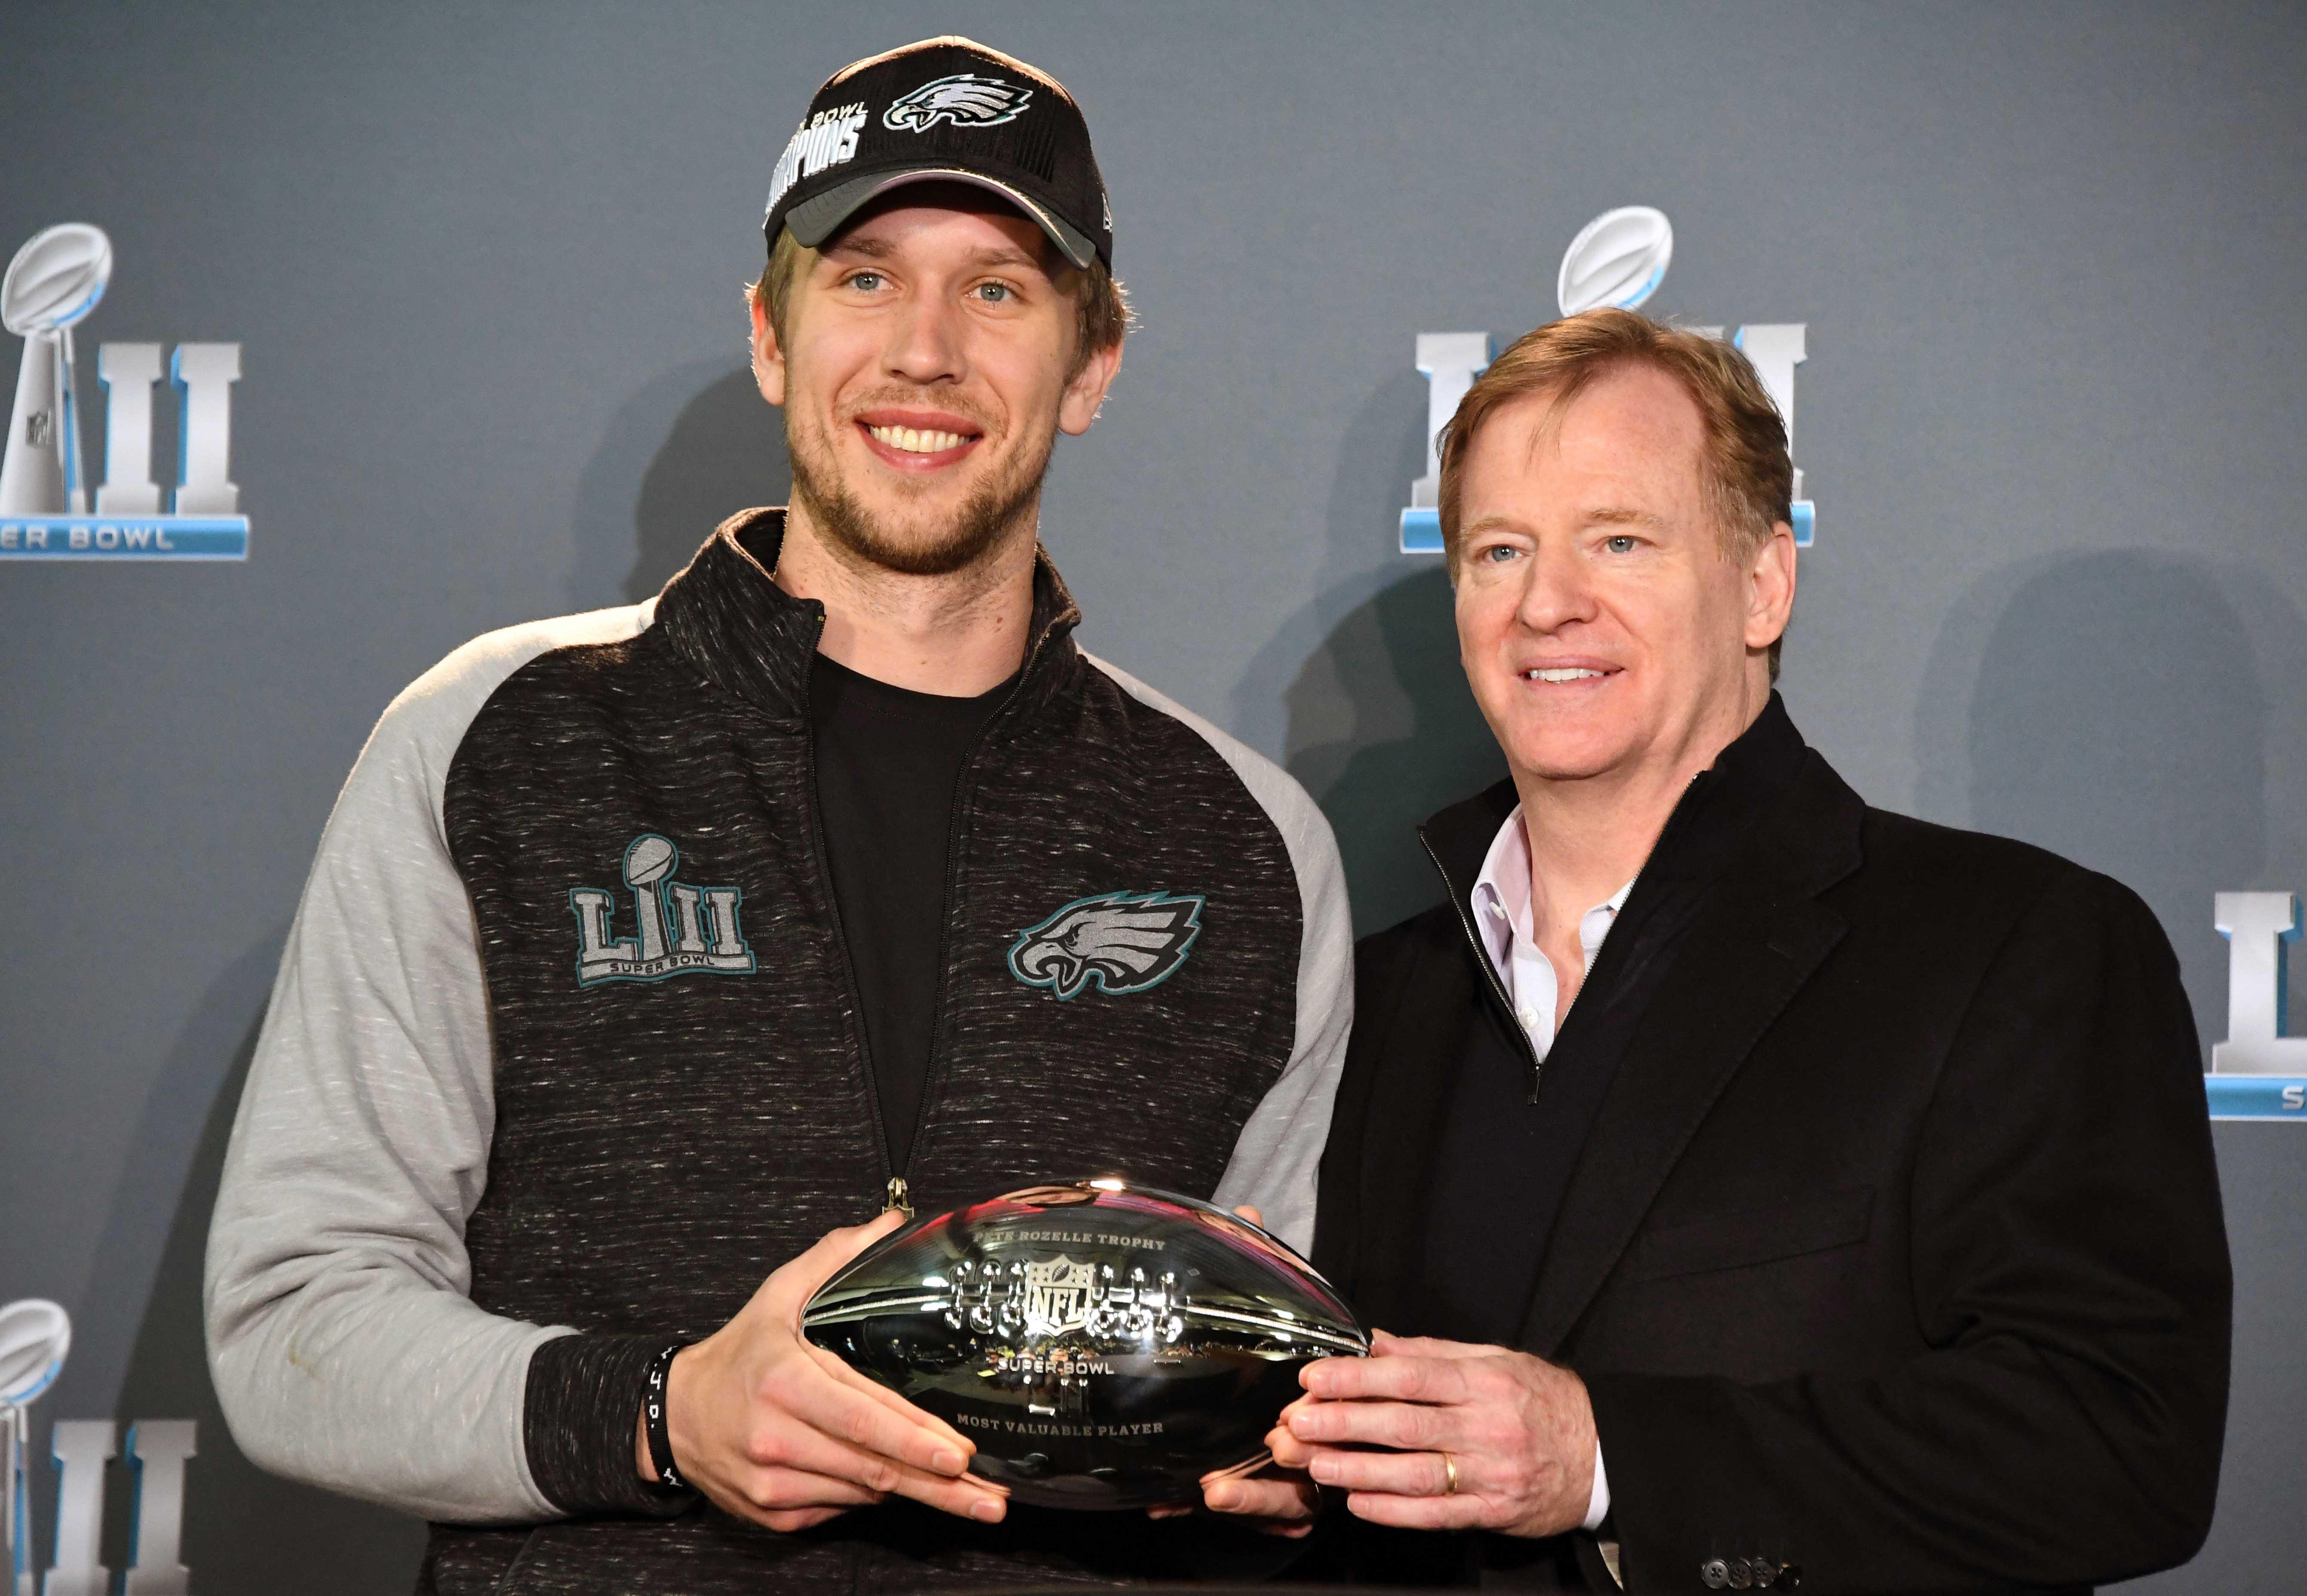 NFL: Super Bowl LII-Winning Team Press Conference